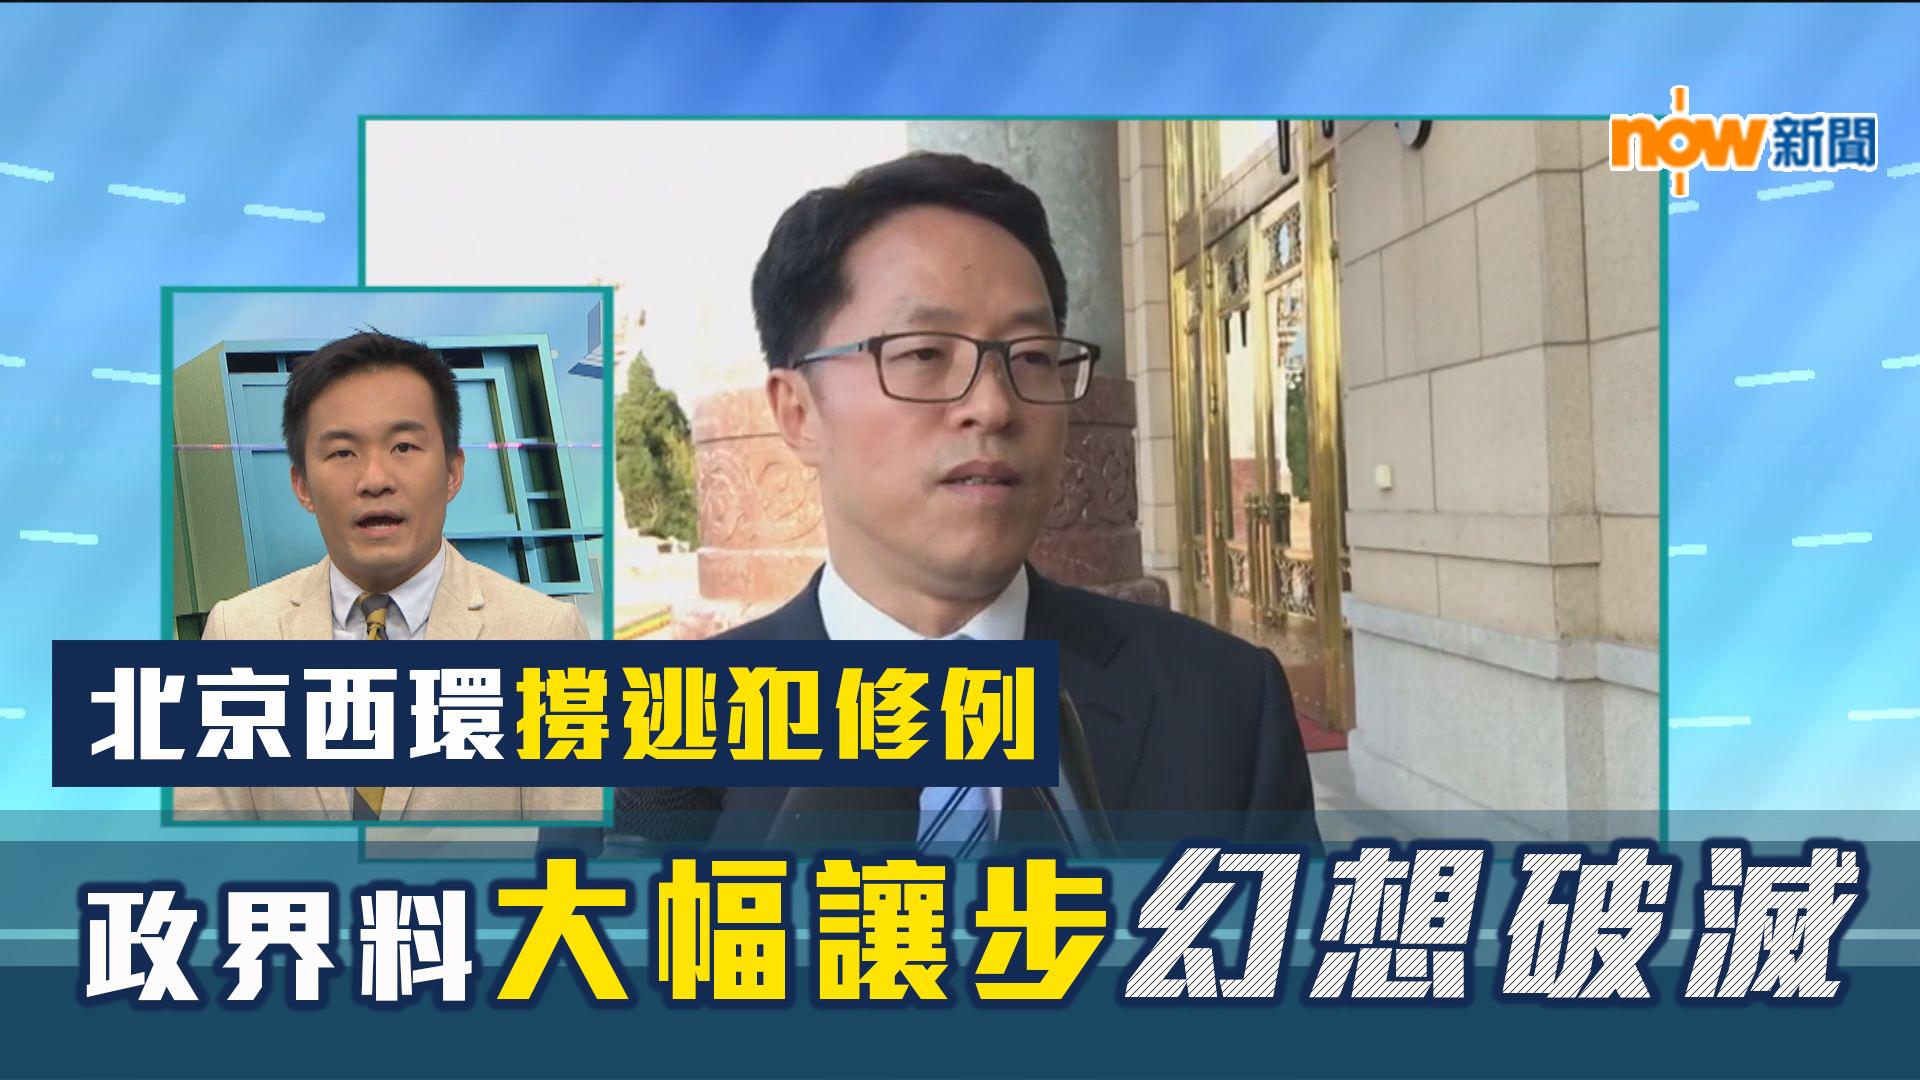 【政情】北京西環撐逃犯修例 政界料大幅讓步幻想破滅